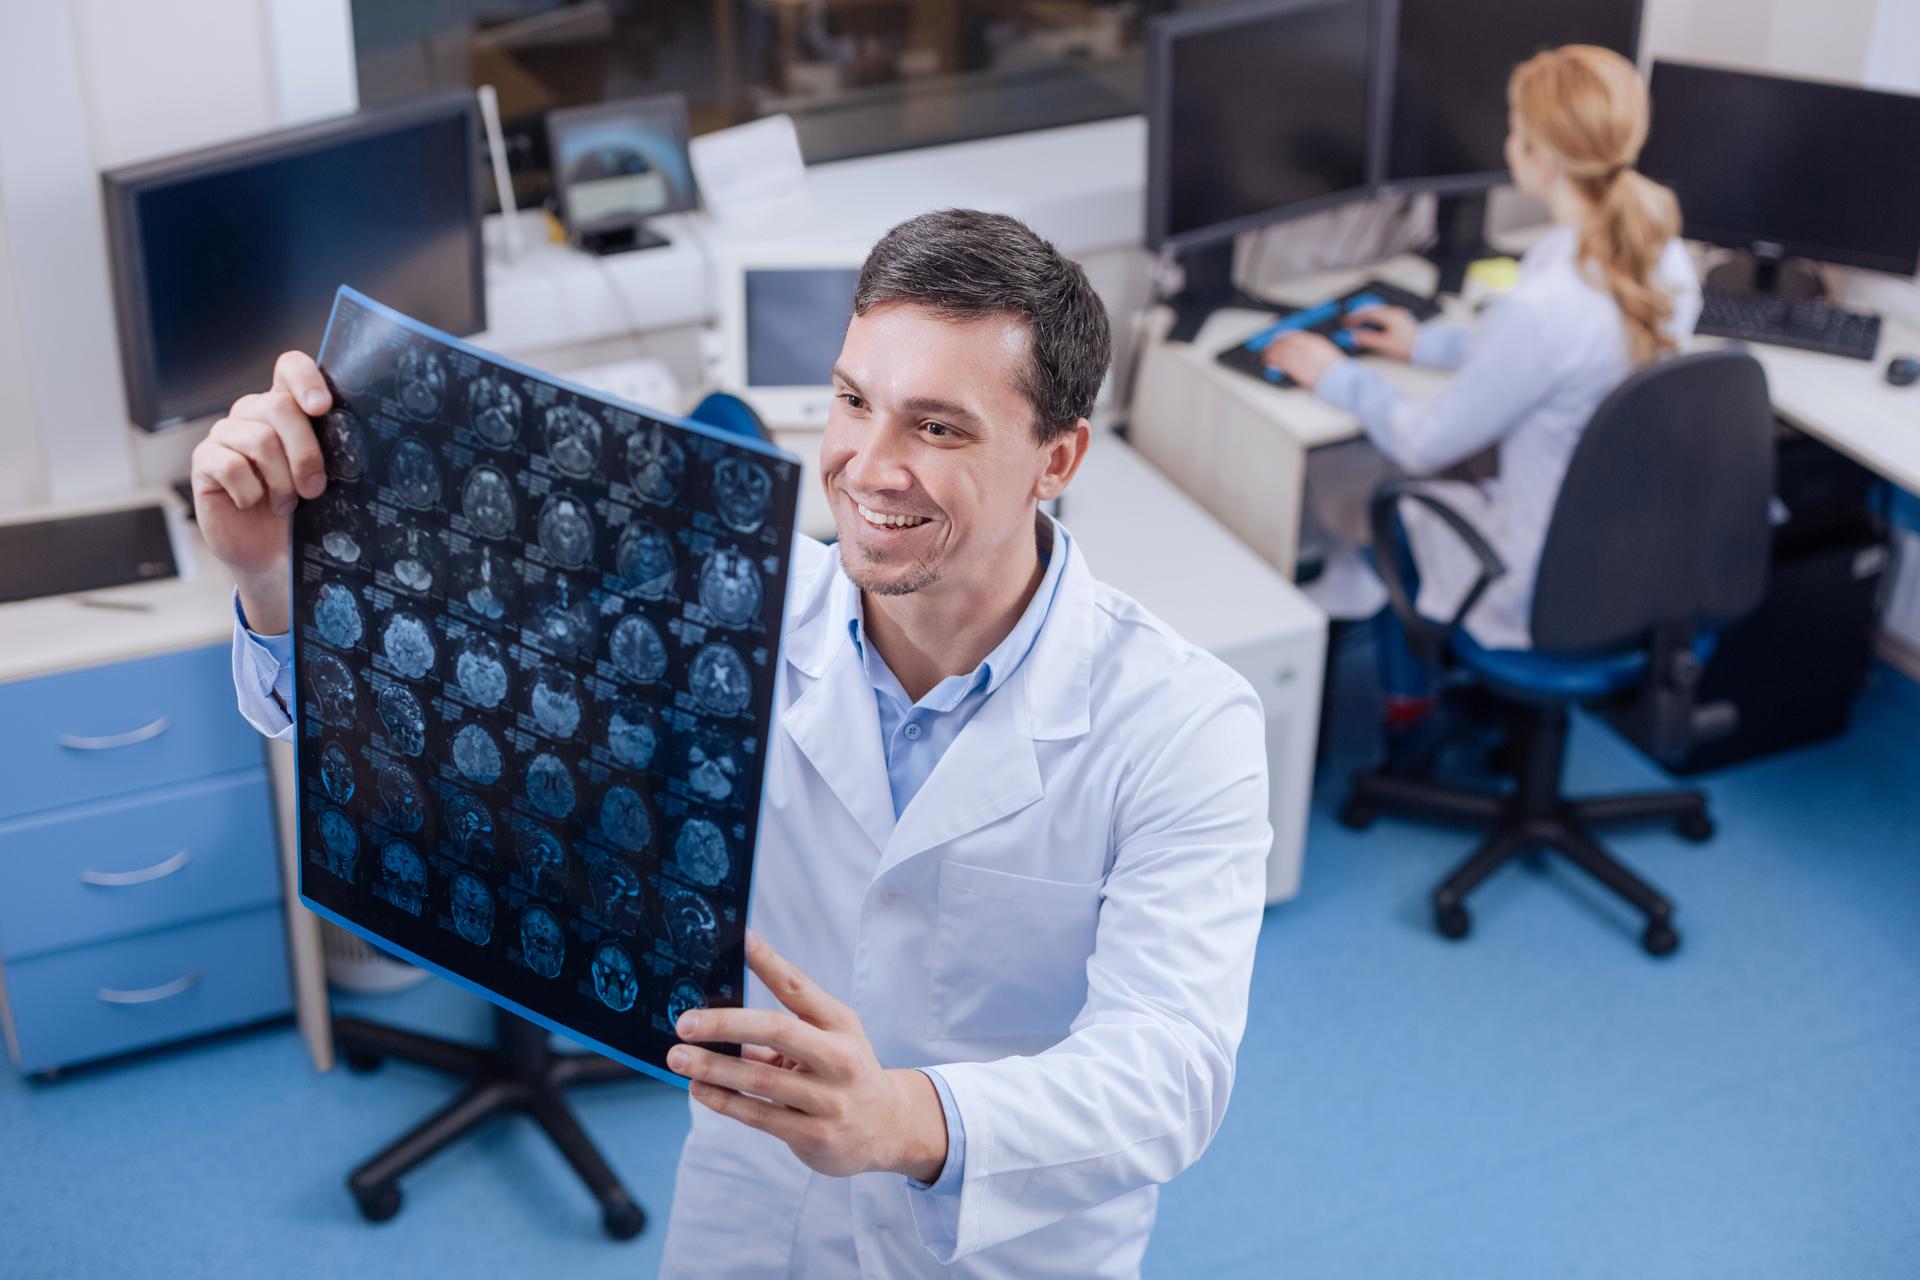 Los científicos desarrollaron el modelo computacional con el cual es posible determinar con precisión la palabra que el sujeto a investigación piensa en ese preciso instante (iStock)